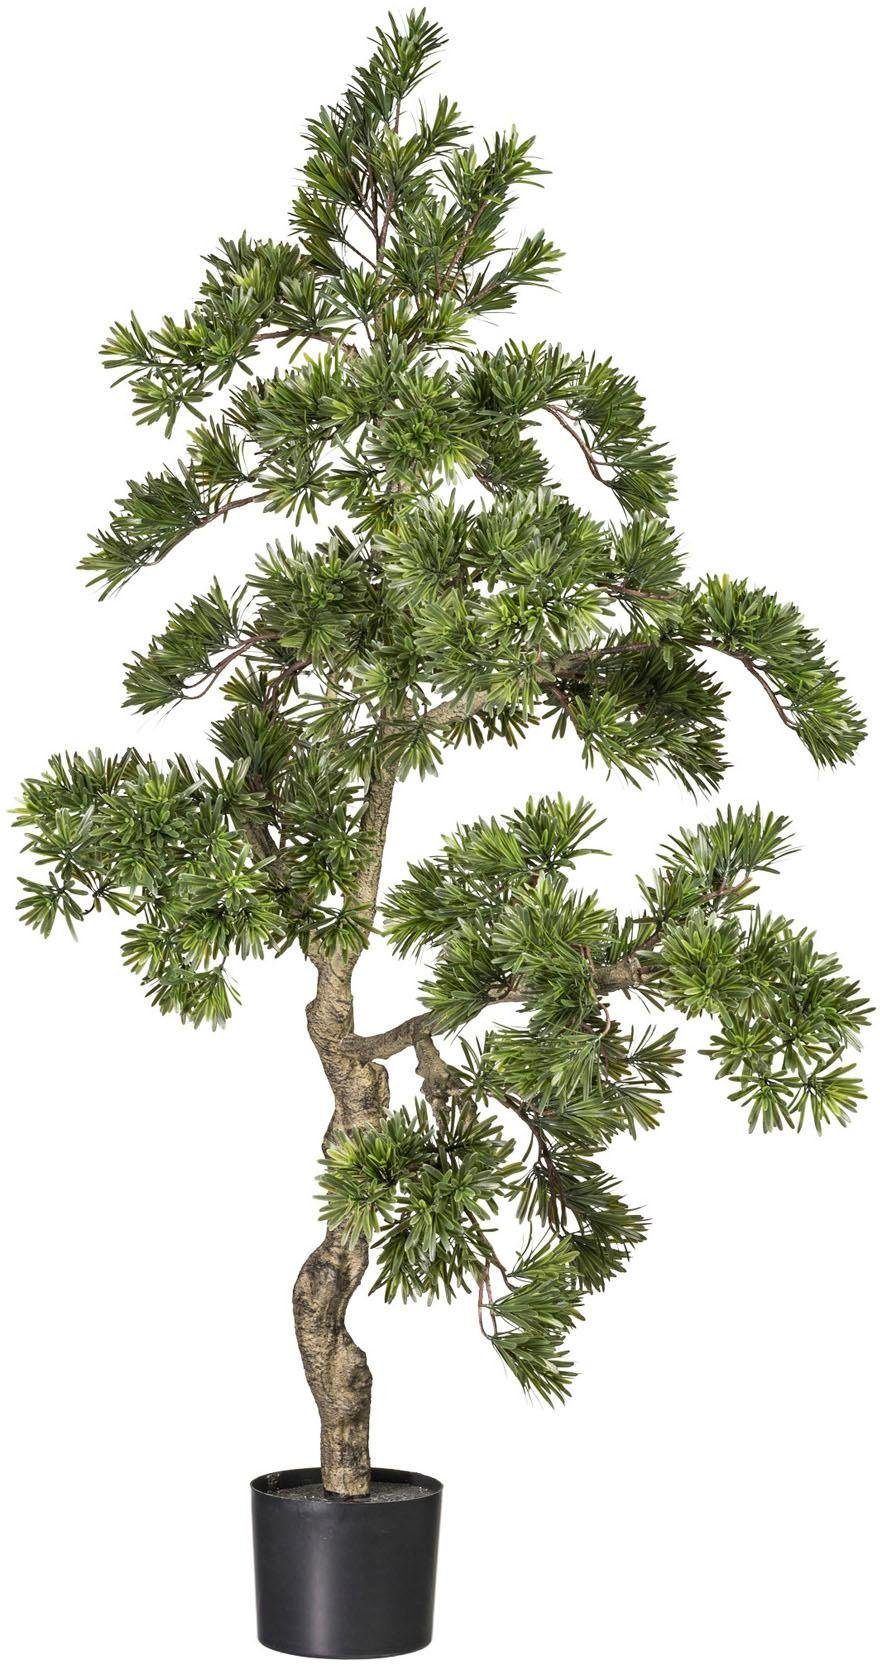 Kunstbaum »Podocarpus« baum, ca. 150 cm